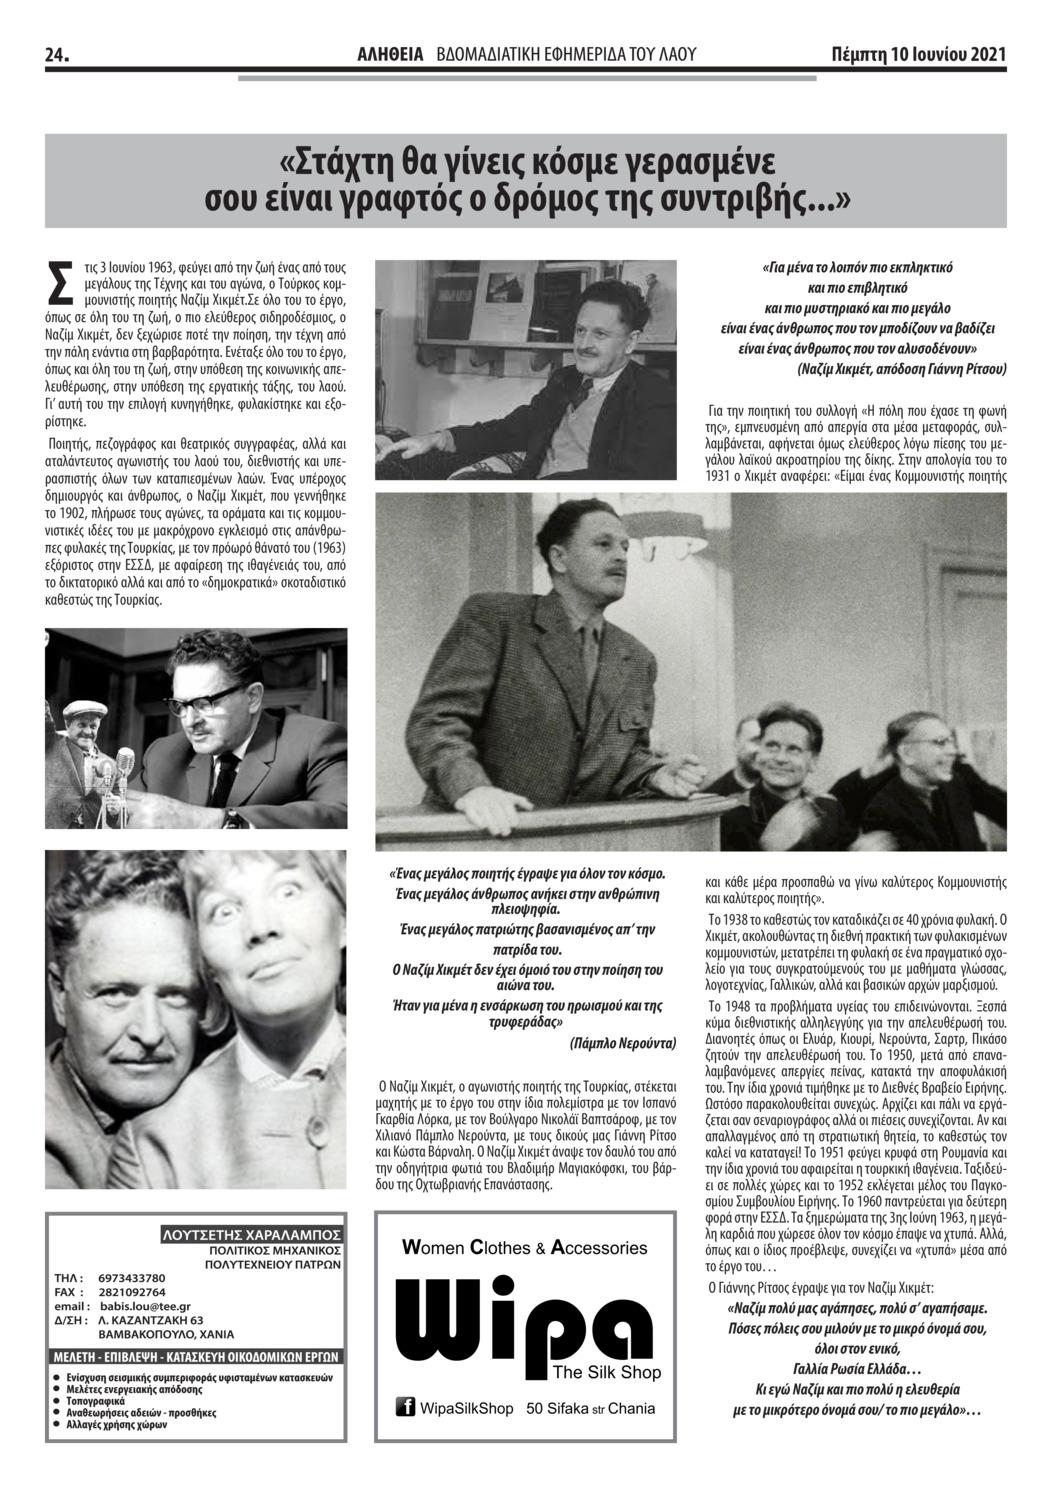 Οπισθόφυλλο εφημερίδας Άλήθεια